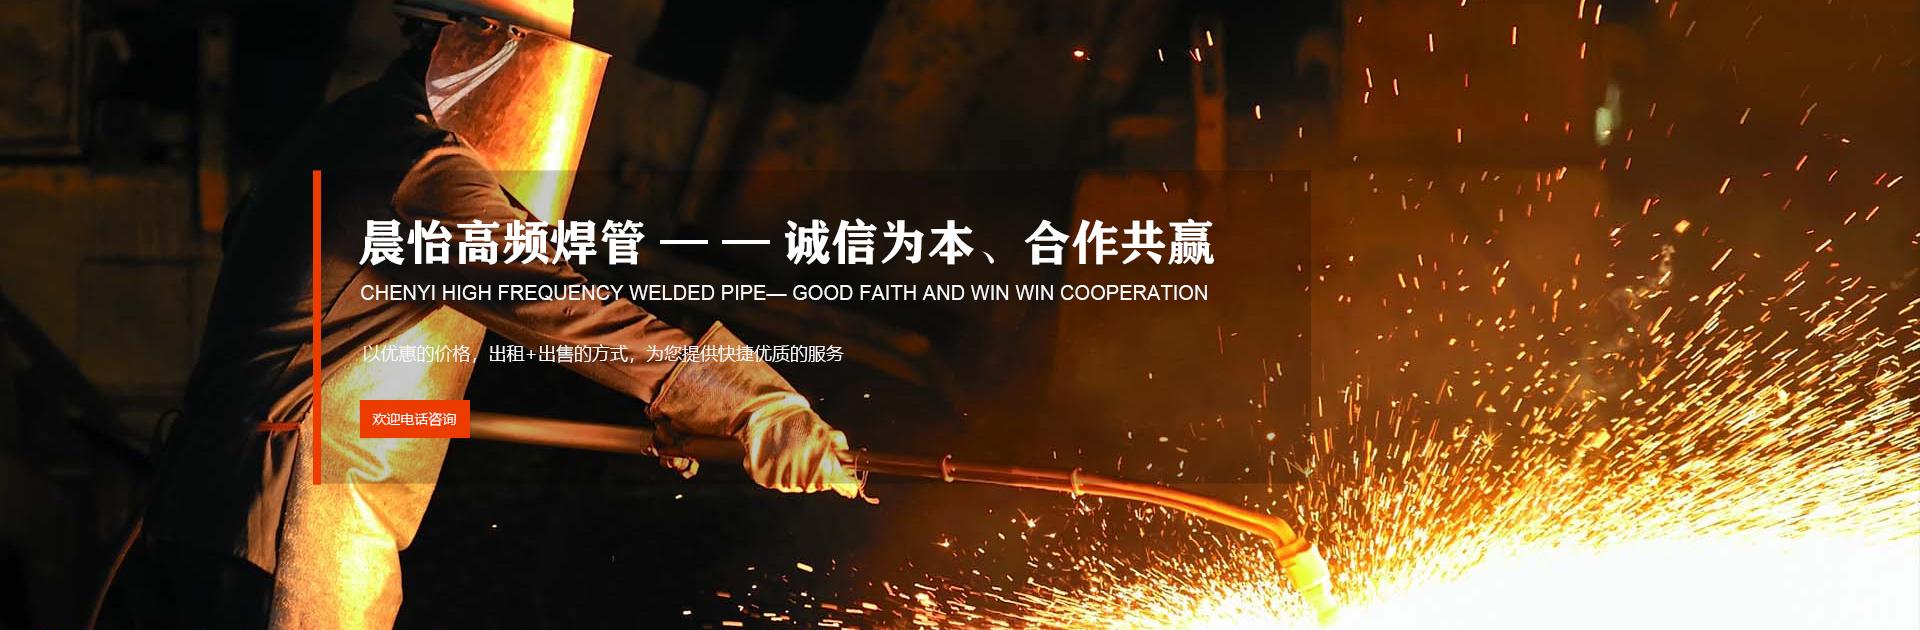 唐山高频焊管,高频焊管厂家,高频焊管供应